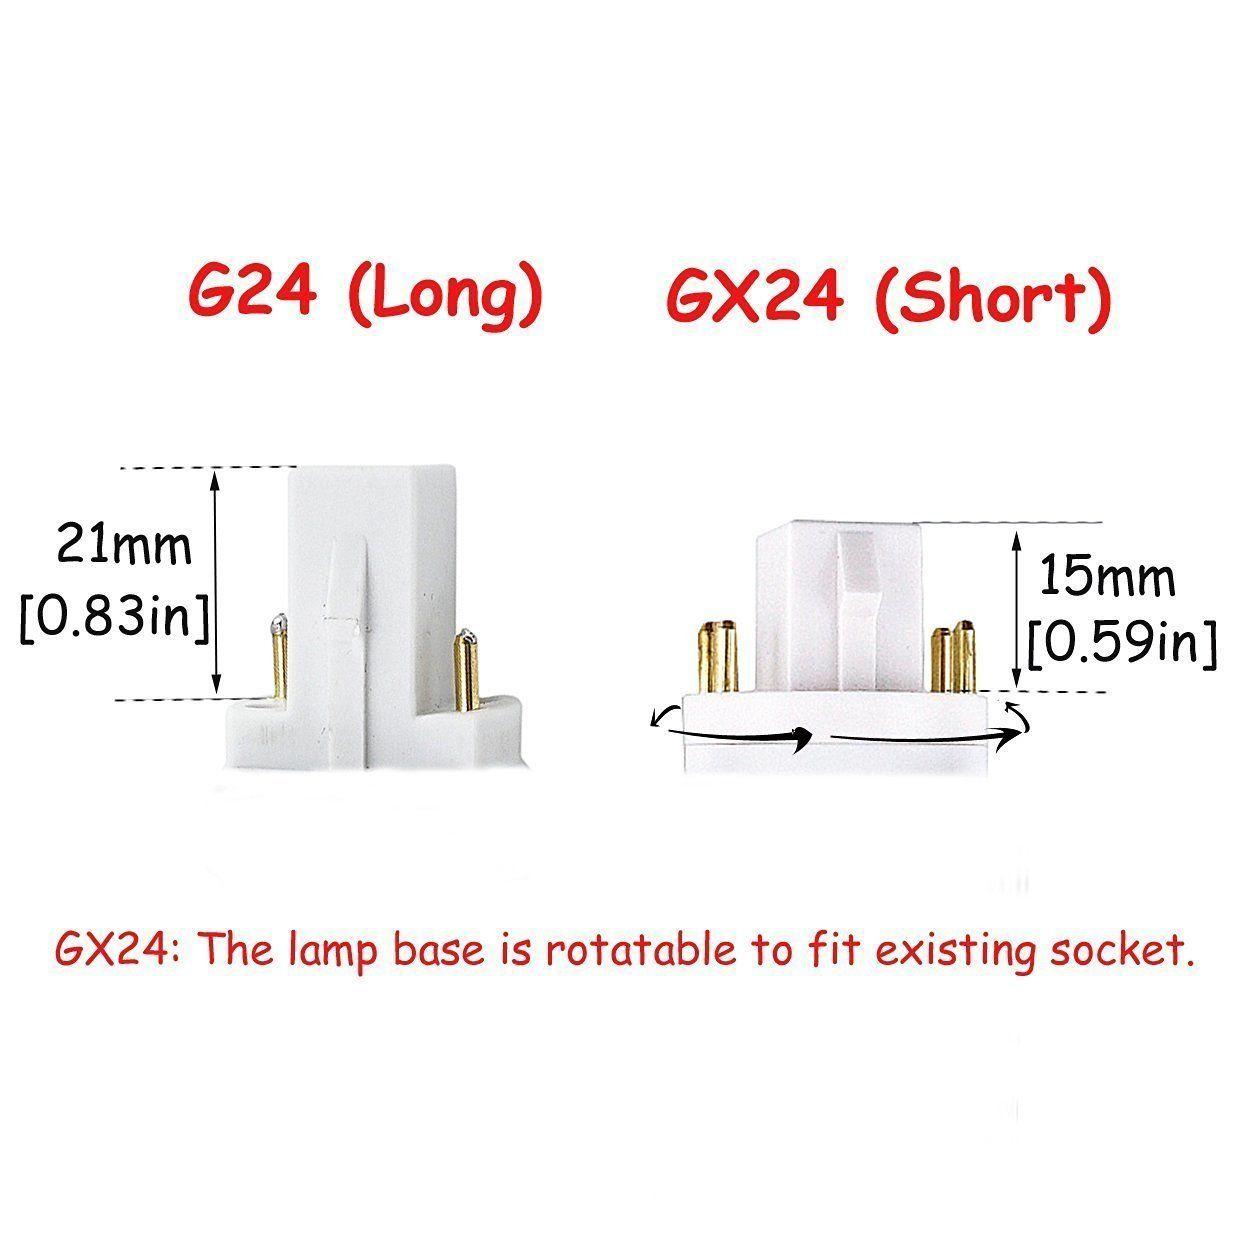 Bonlux 13w G24 Led Plc Lamp Cool White 6000k 360 Degrees Universal G24d 2 Pin G24q 4 Pin Base Led Retrofit Pl Light Bulb 30w Cfl Rep Lamp Bases Light Bulb Lamp